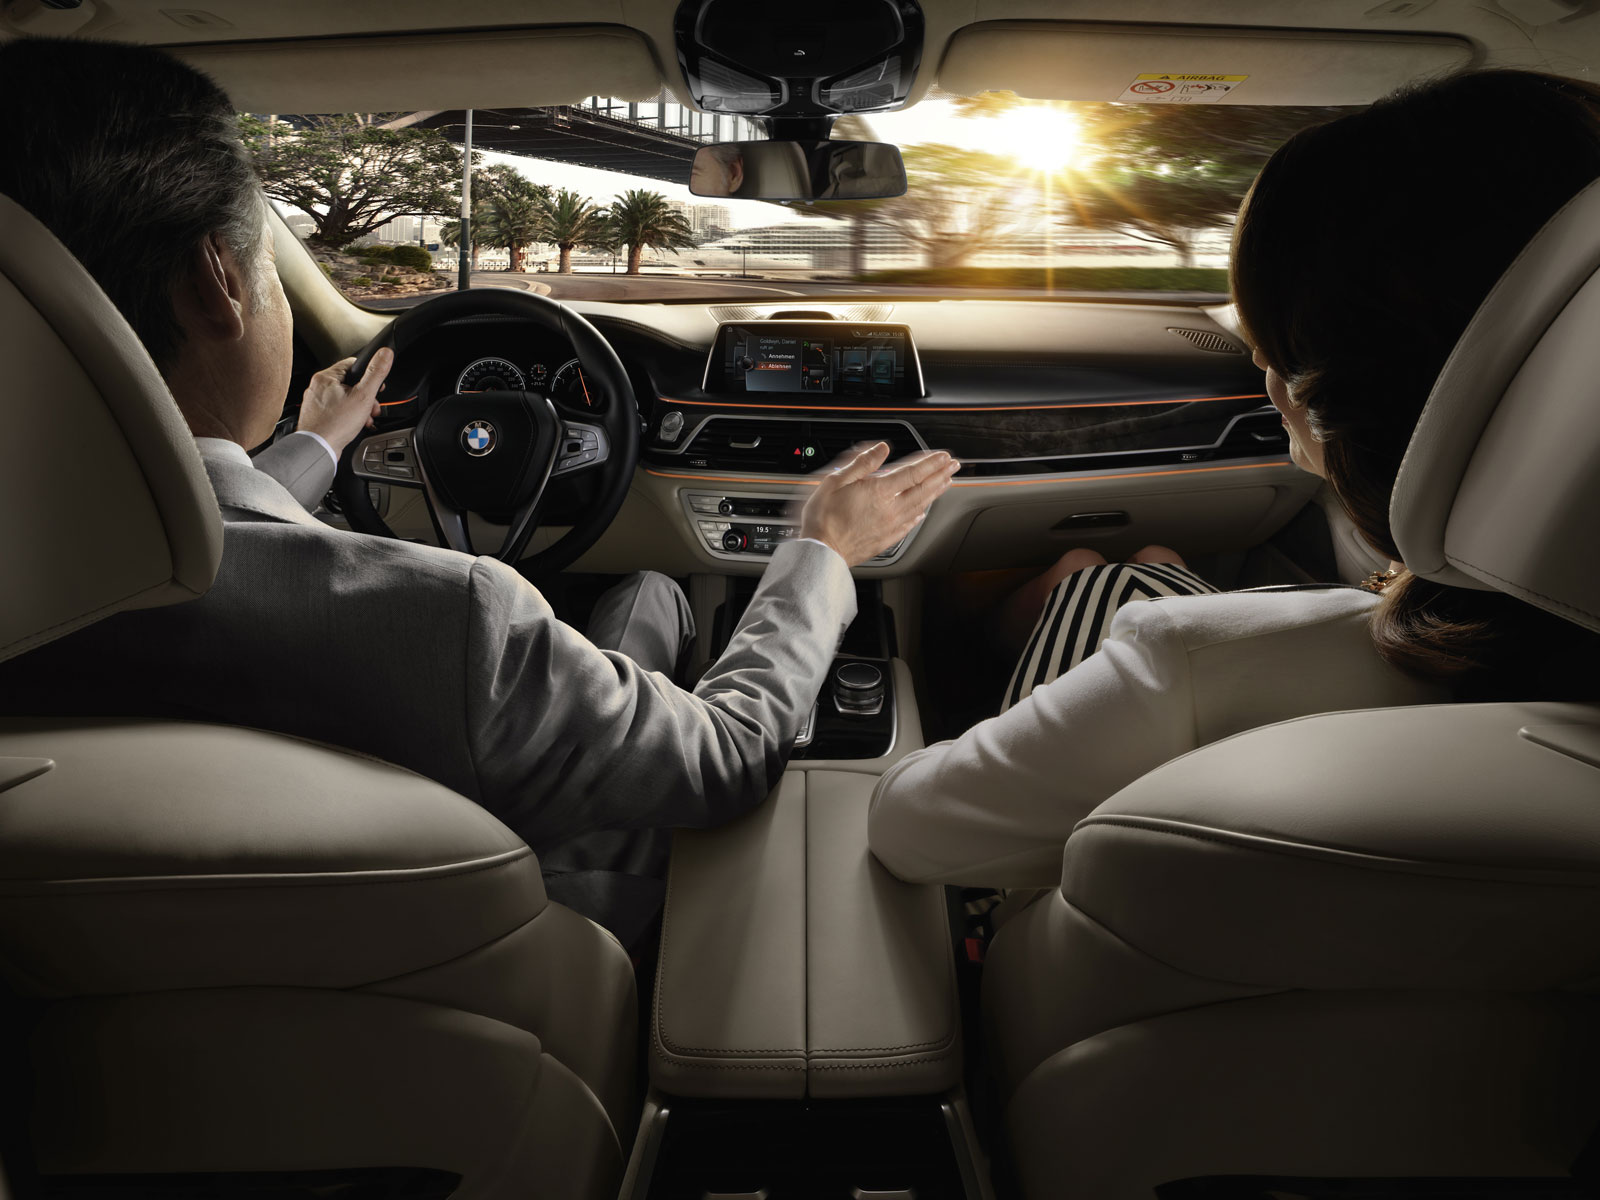 Highlights im neuen 7er BMW: Neben Holz, Leder und Metall ist das Cockpit mit neuester Technik ausgestattet.